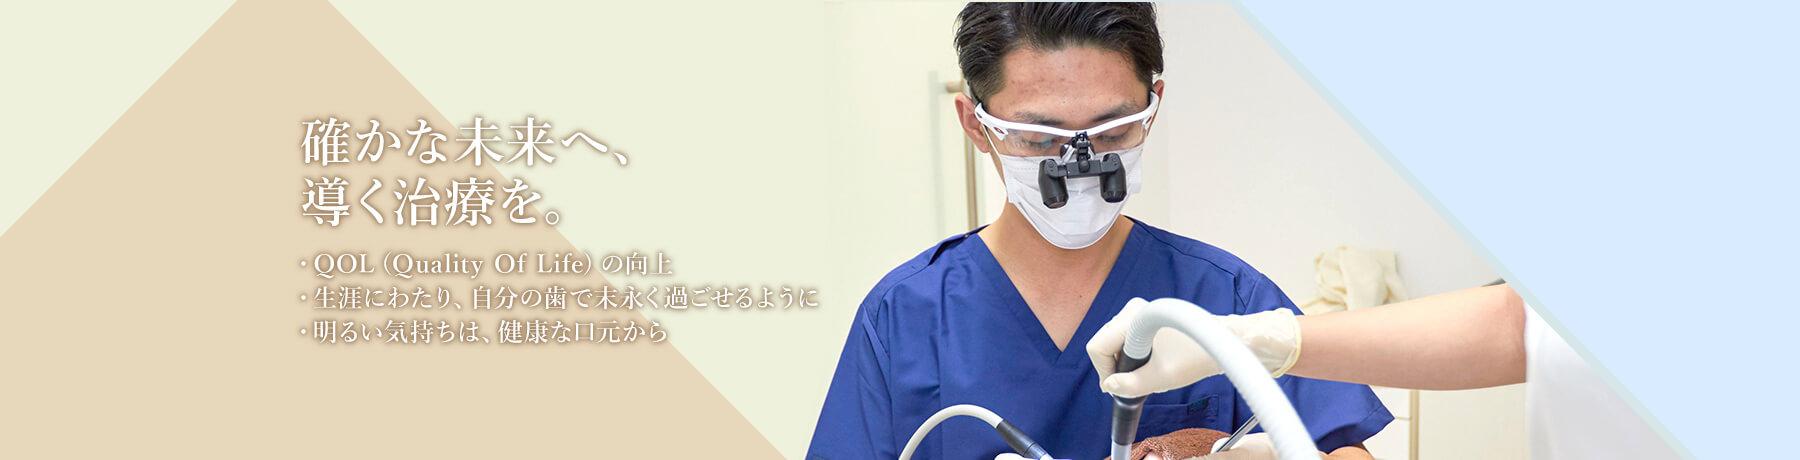 確かな未来へ、導く治療を。・QOL(Quality Of Life)の向上・生涯にわたり、自分の歯で末永く過ごせるように・明るい気持ちは、健康な口元から